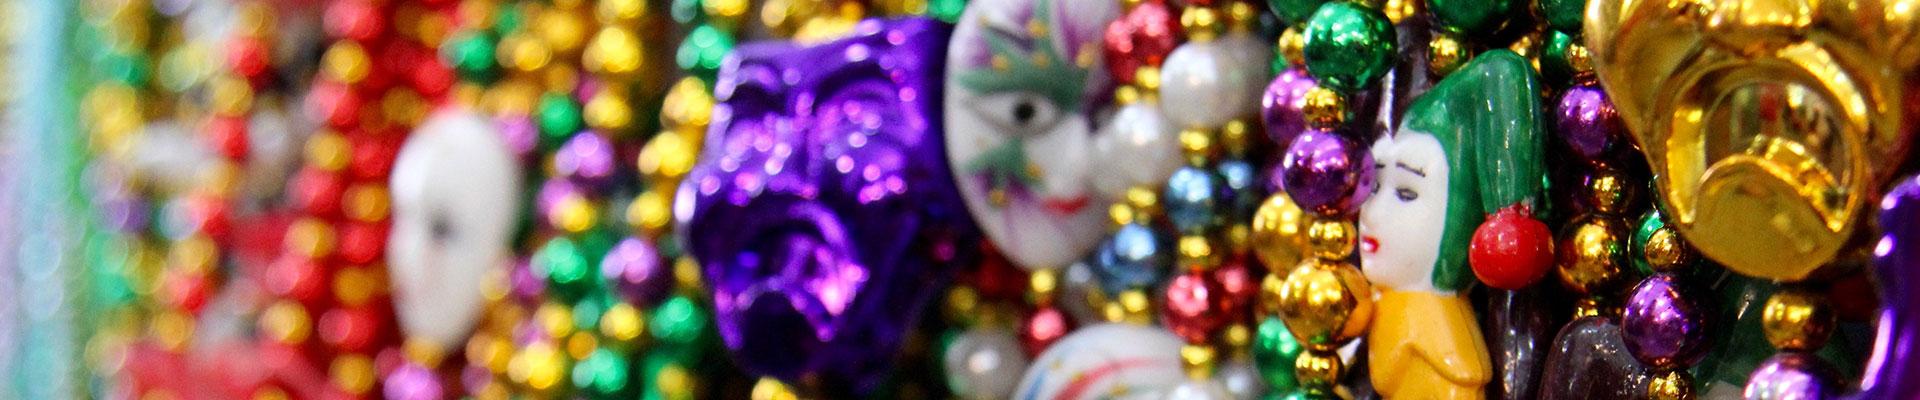 Fantasy RV Tours: 9 Day Mardi Gras (09UMGP-021820)